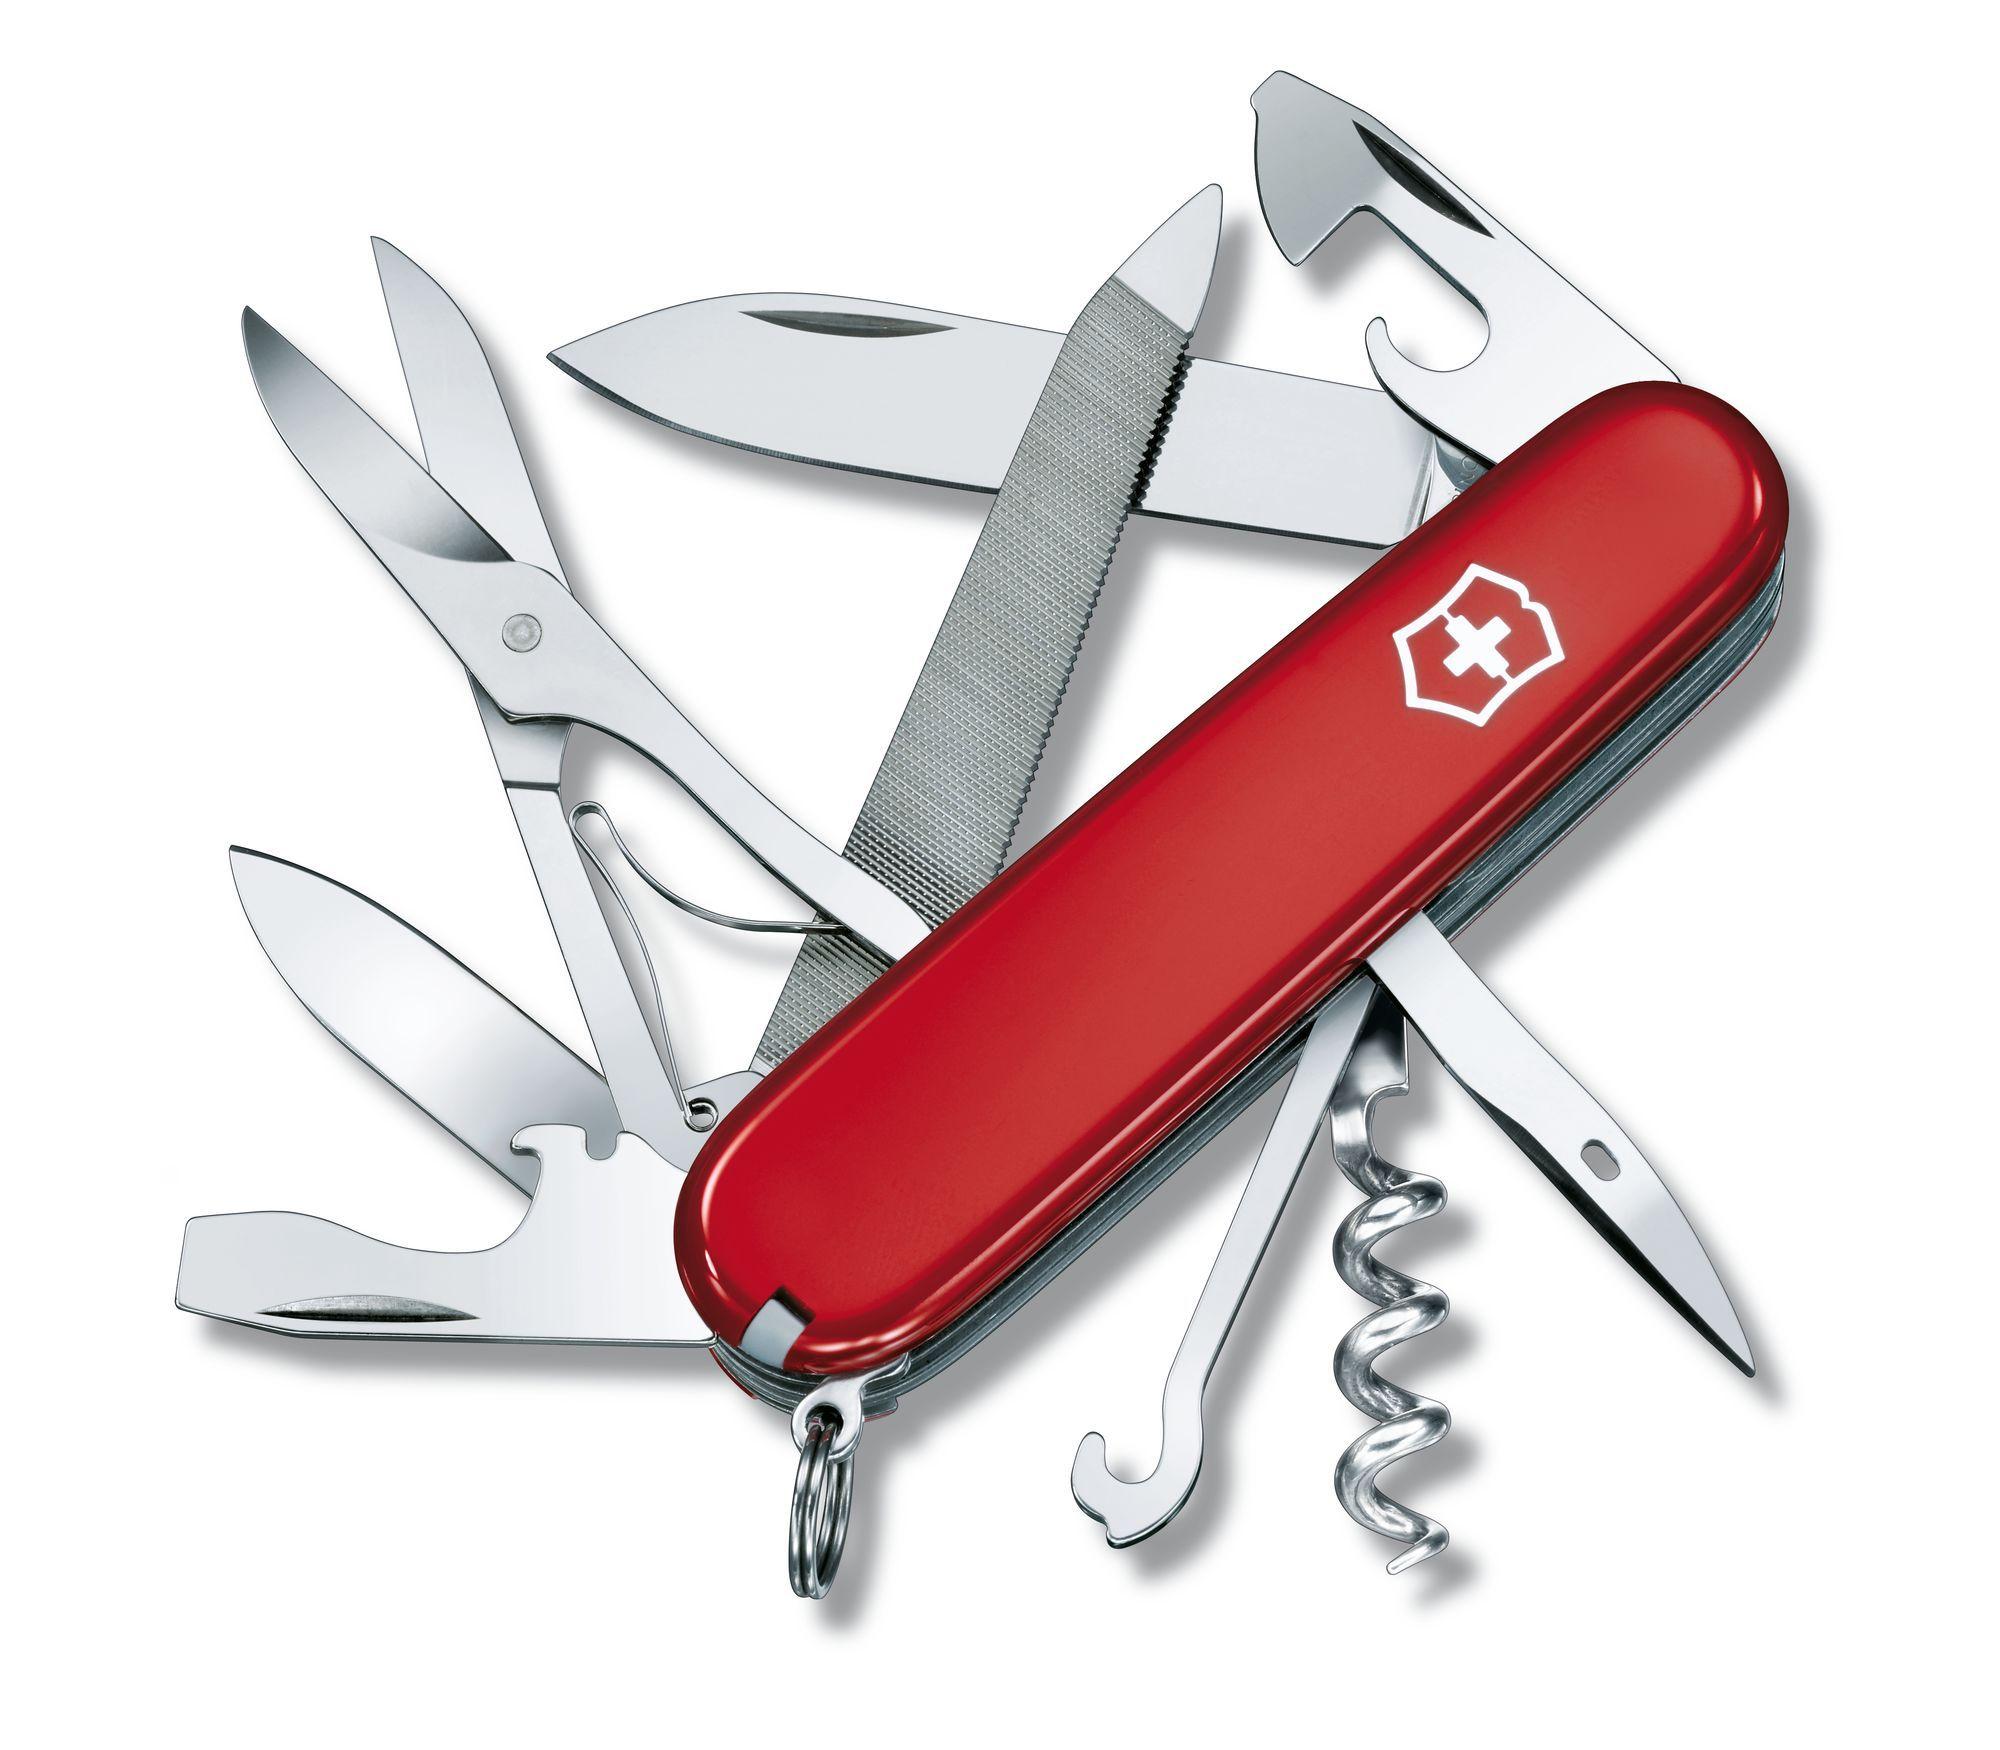 Canivete de bolso com 18 funções -  Médio - Victorinox - Vermelho